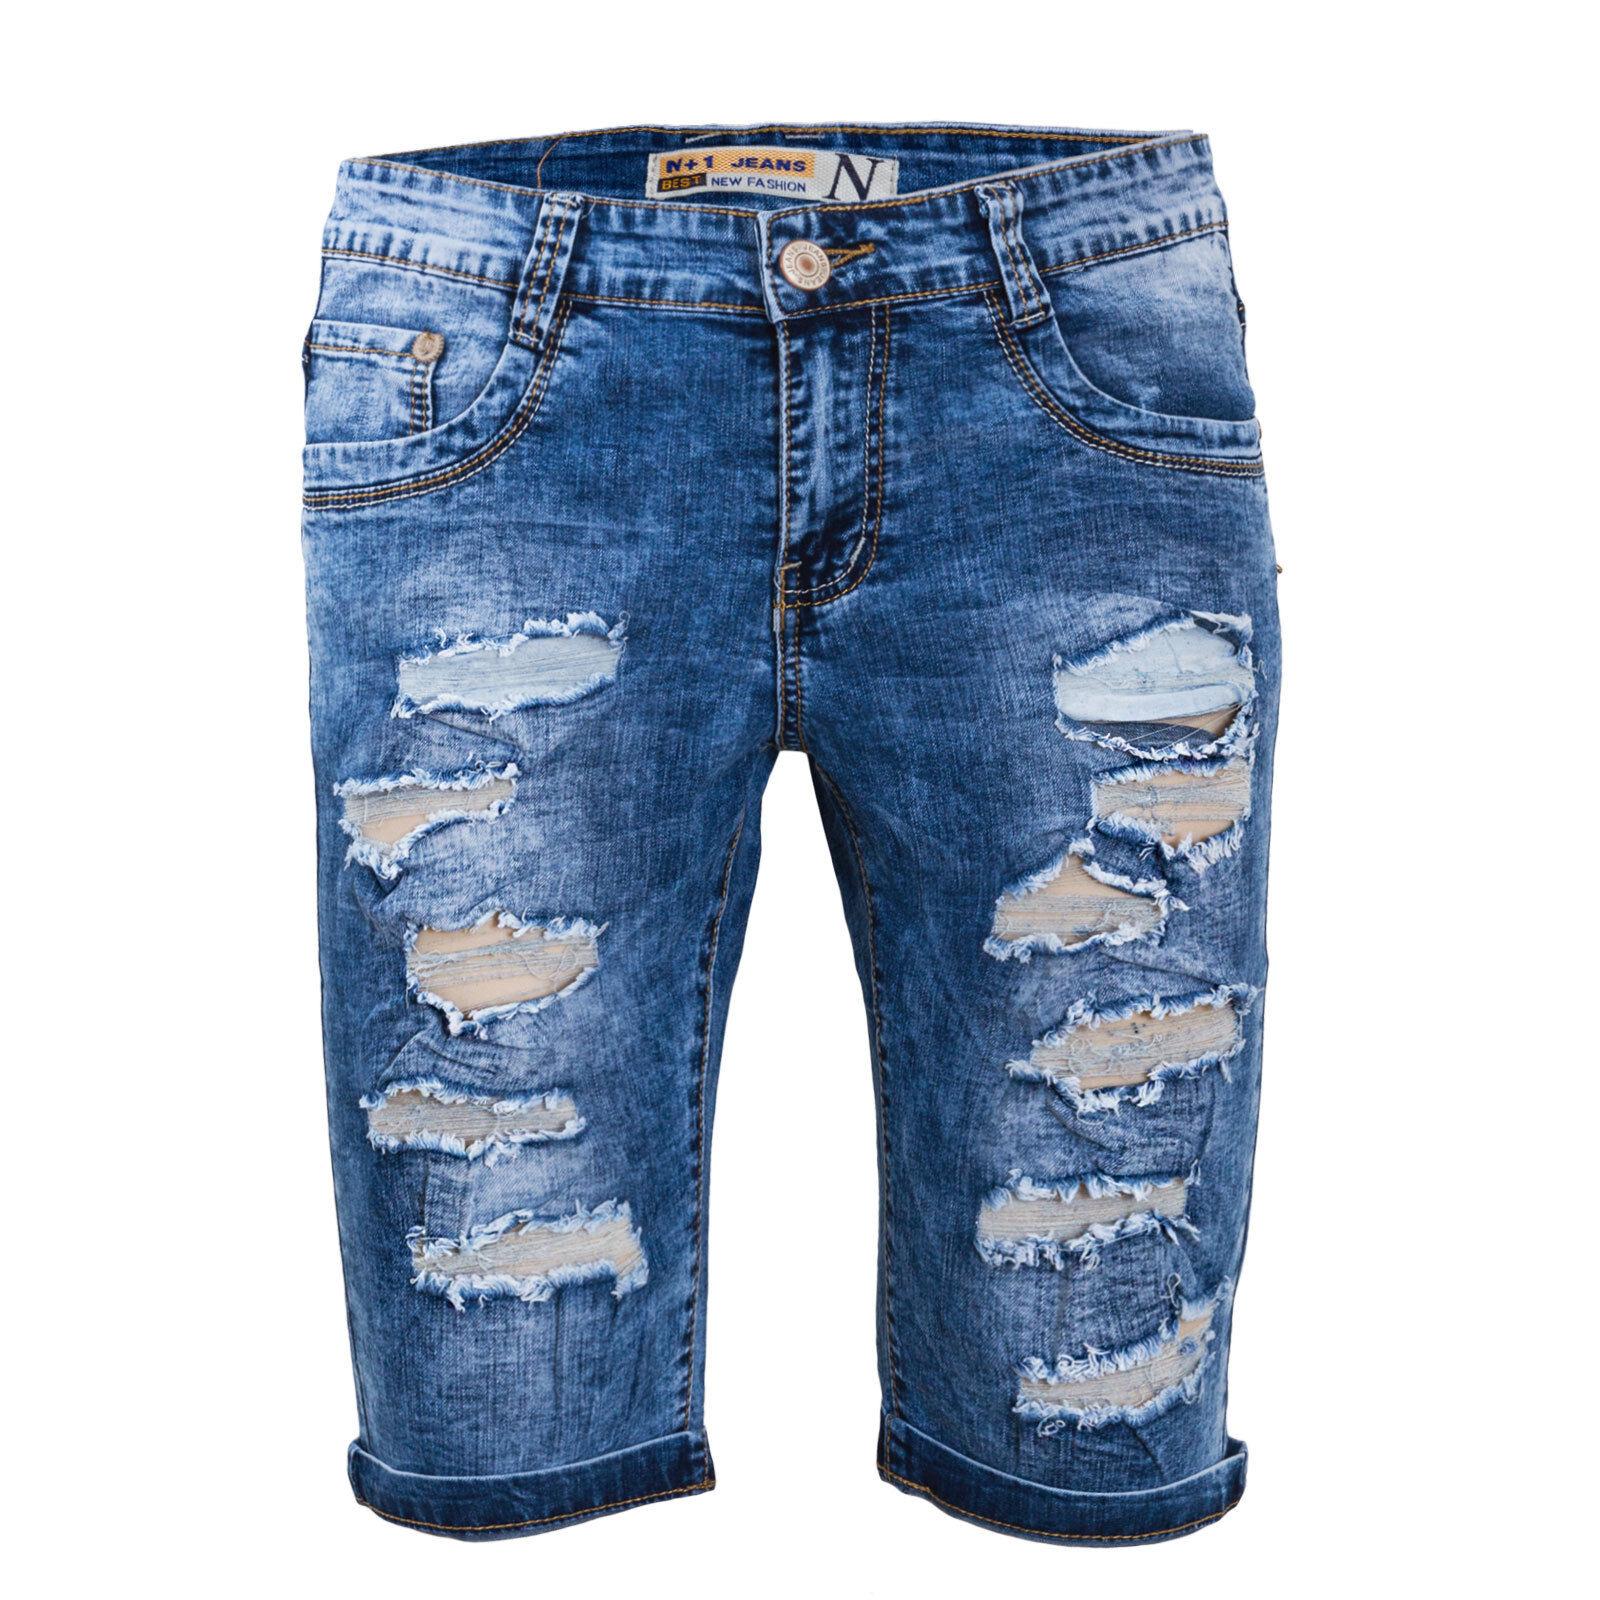 Bermuda homme jeans court en jeans déchiré short avec des larmes ... a94fe829ec6